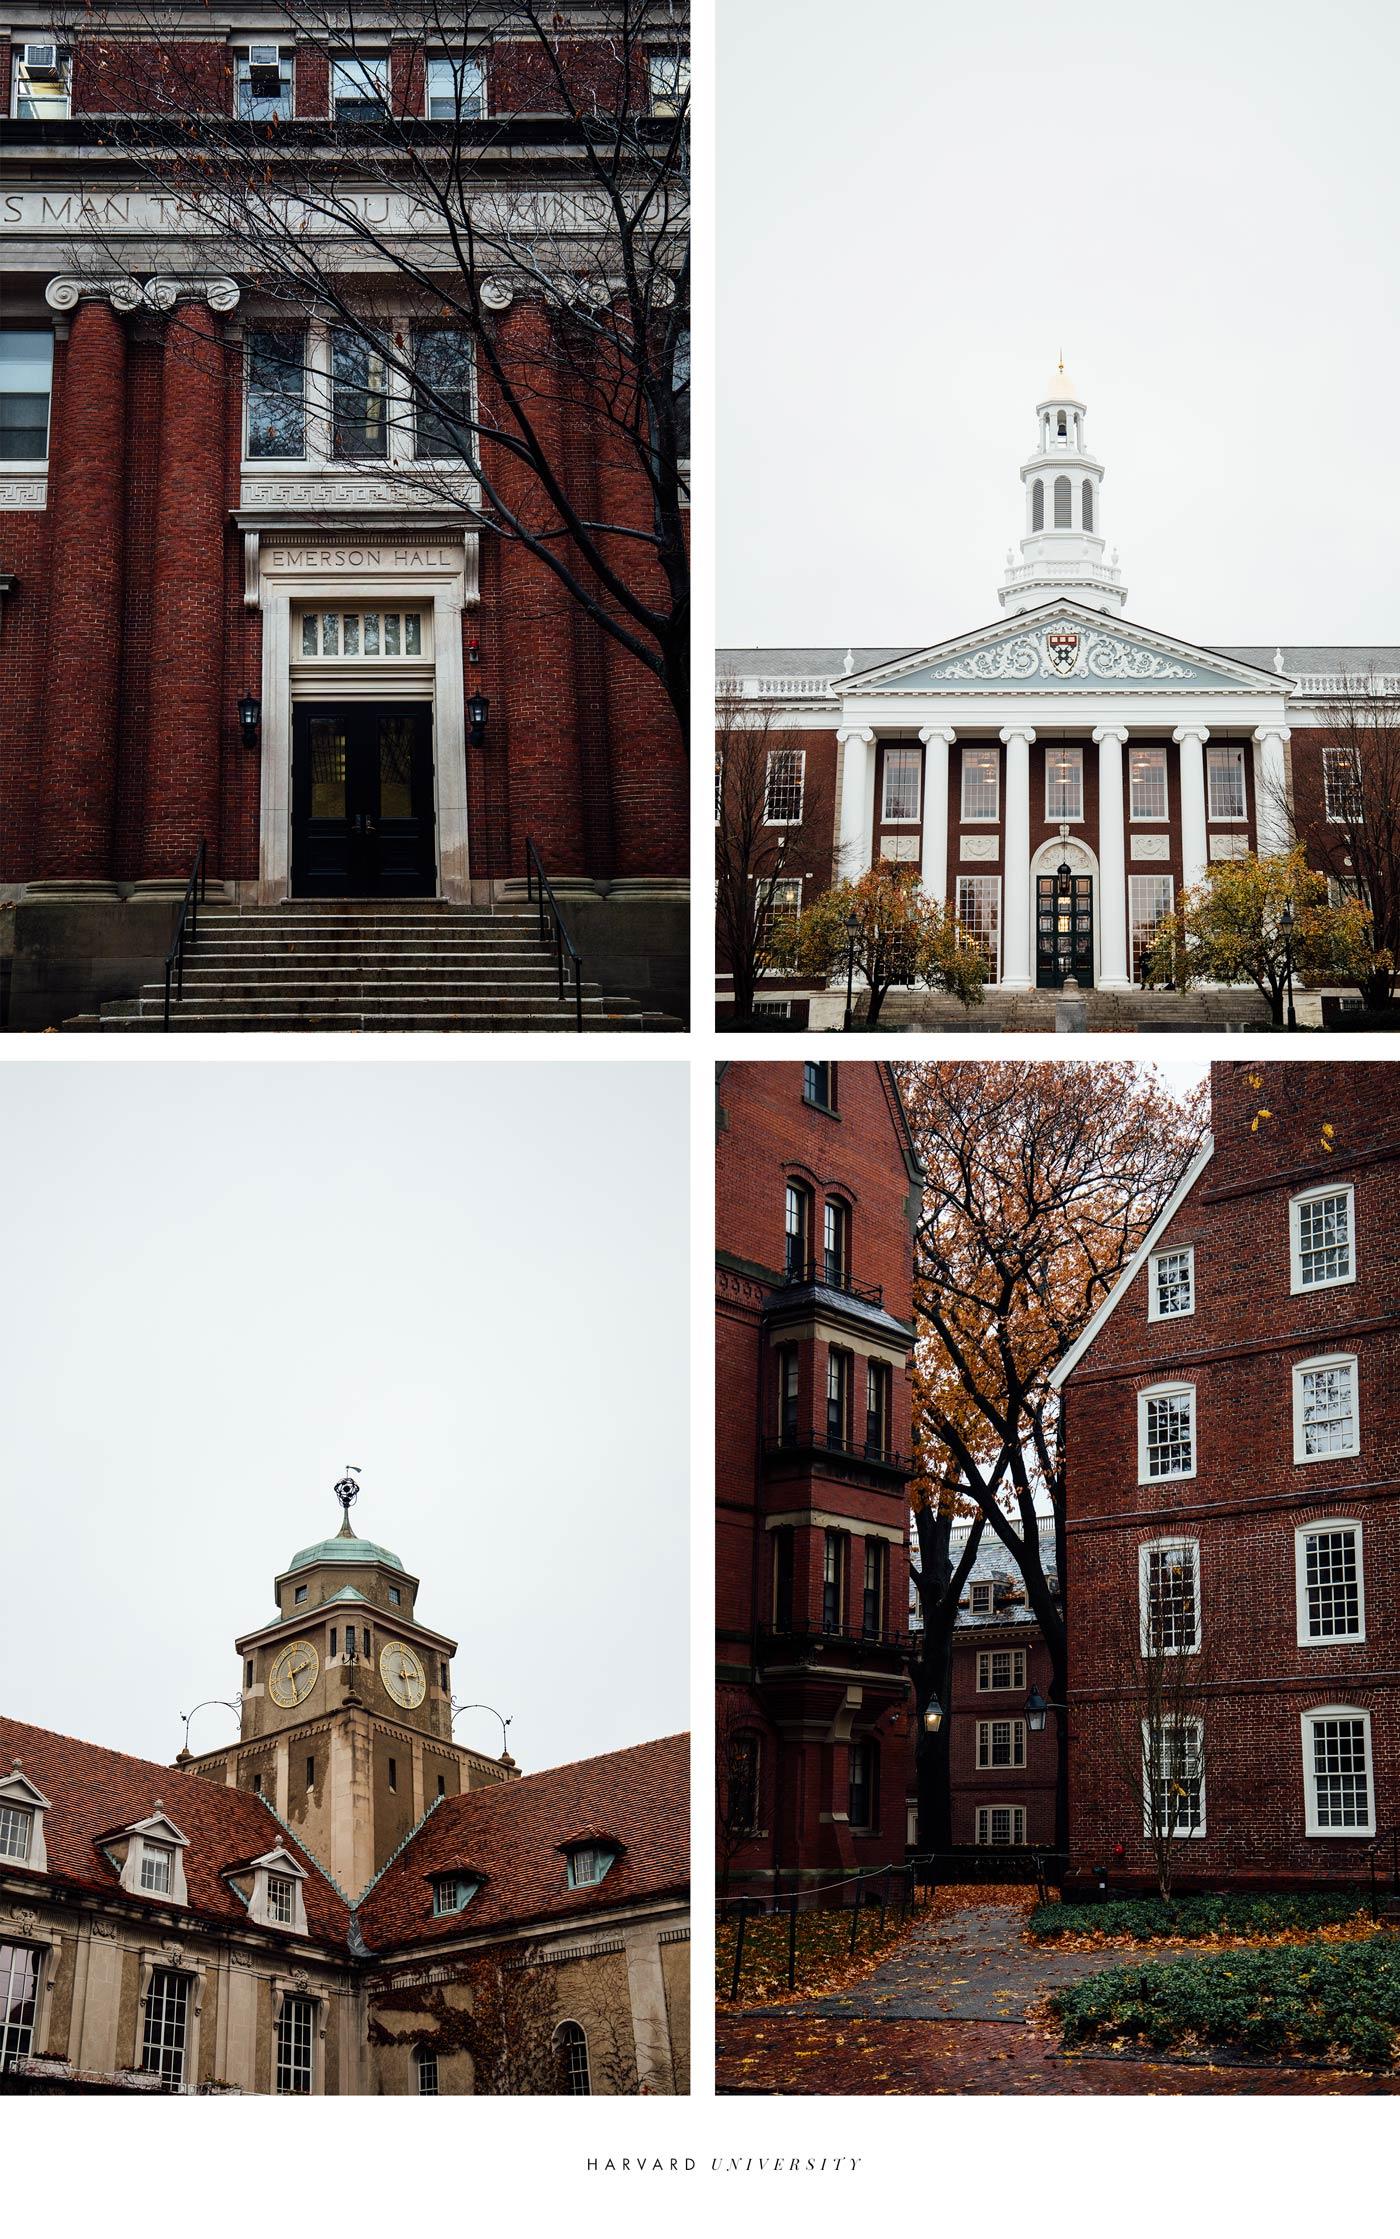 visiter l'université d'Harvard de Boston